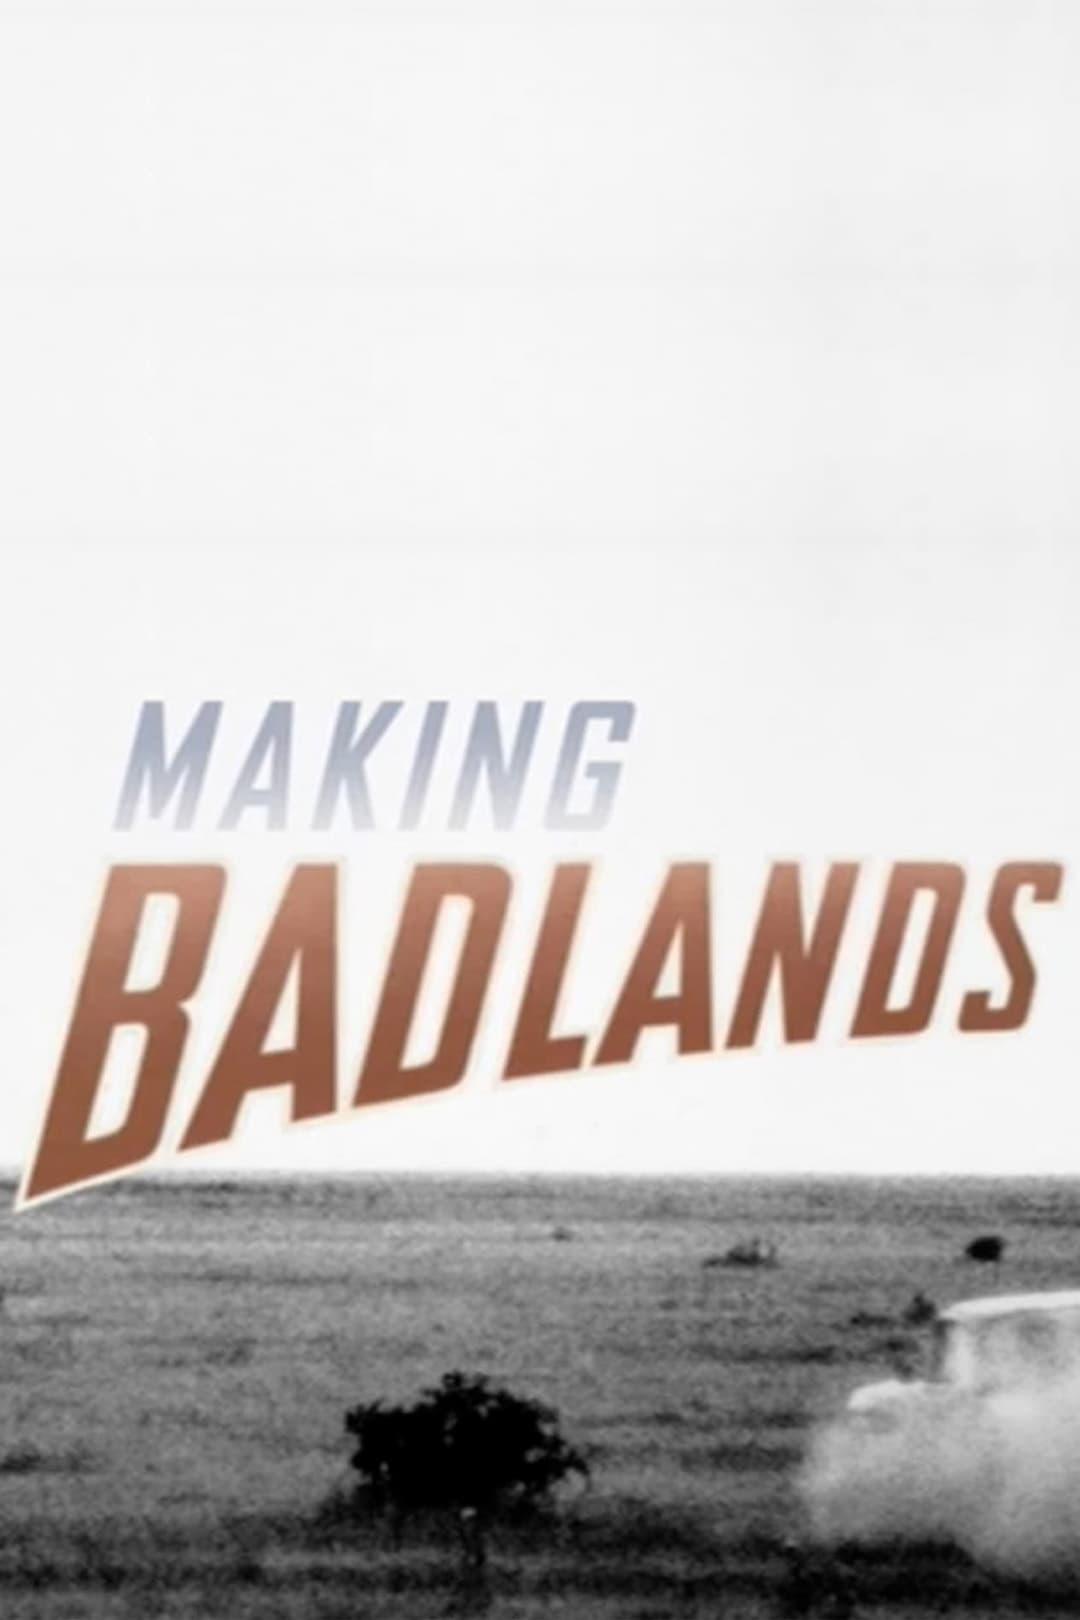 Making 'Badlands'